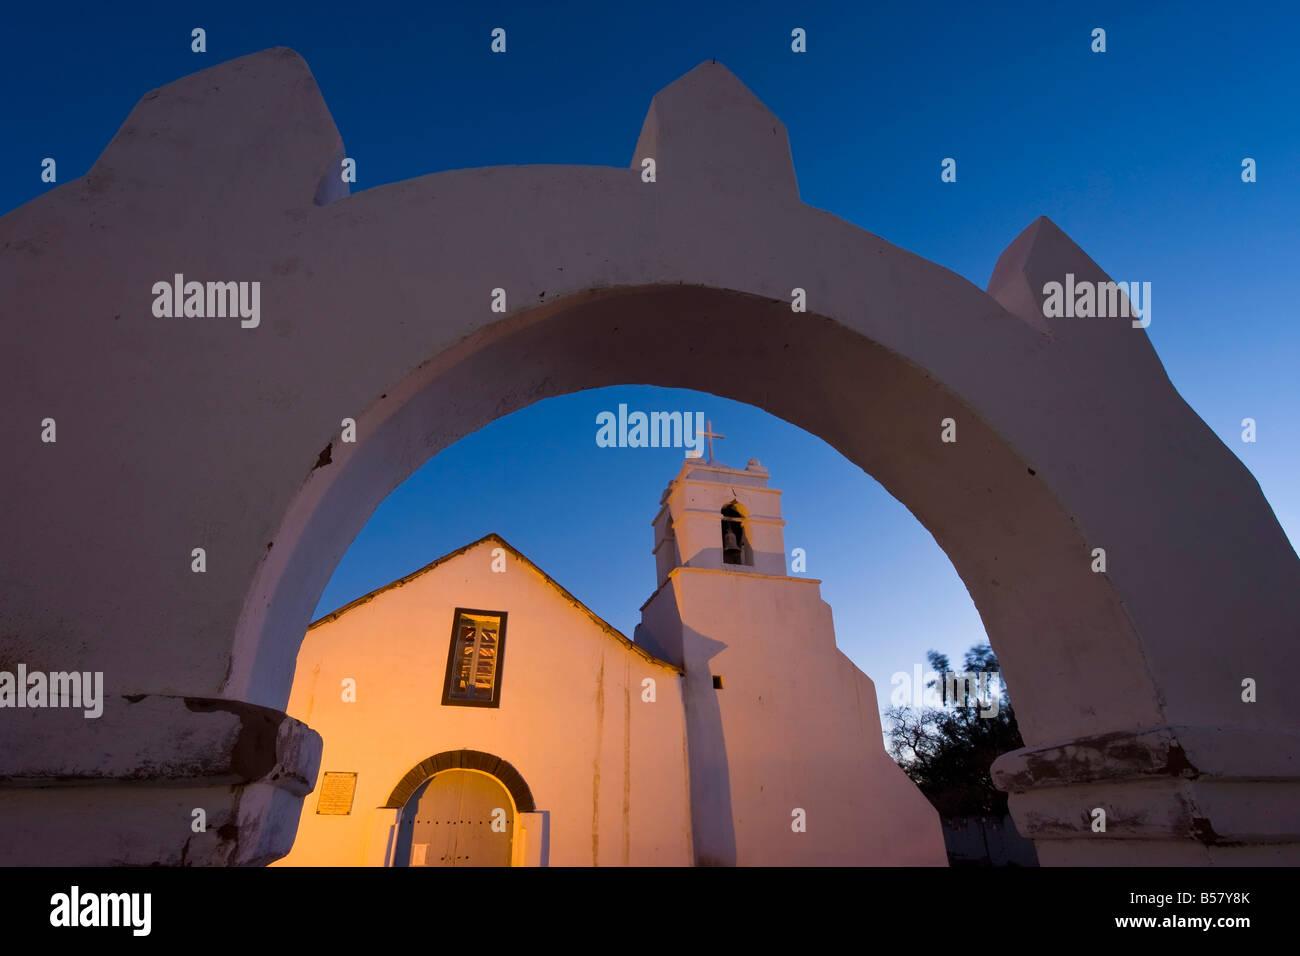 Iglesia San Pedro, kolonialen Adobe ummauerte Kirche, San Pedro de Atacama, Chile, Atacama-Wüste, Norte Grande Stockbild